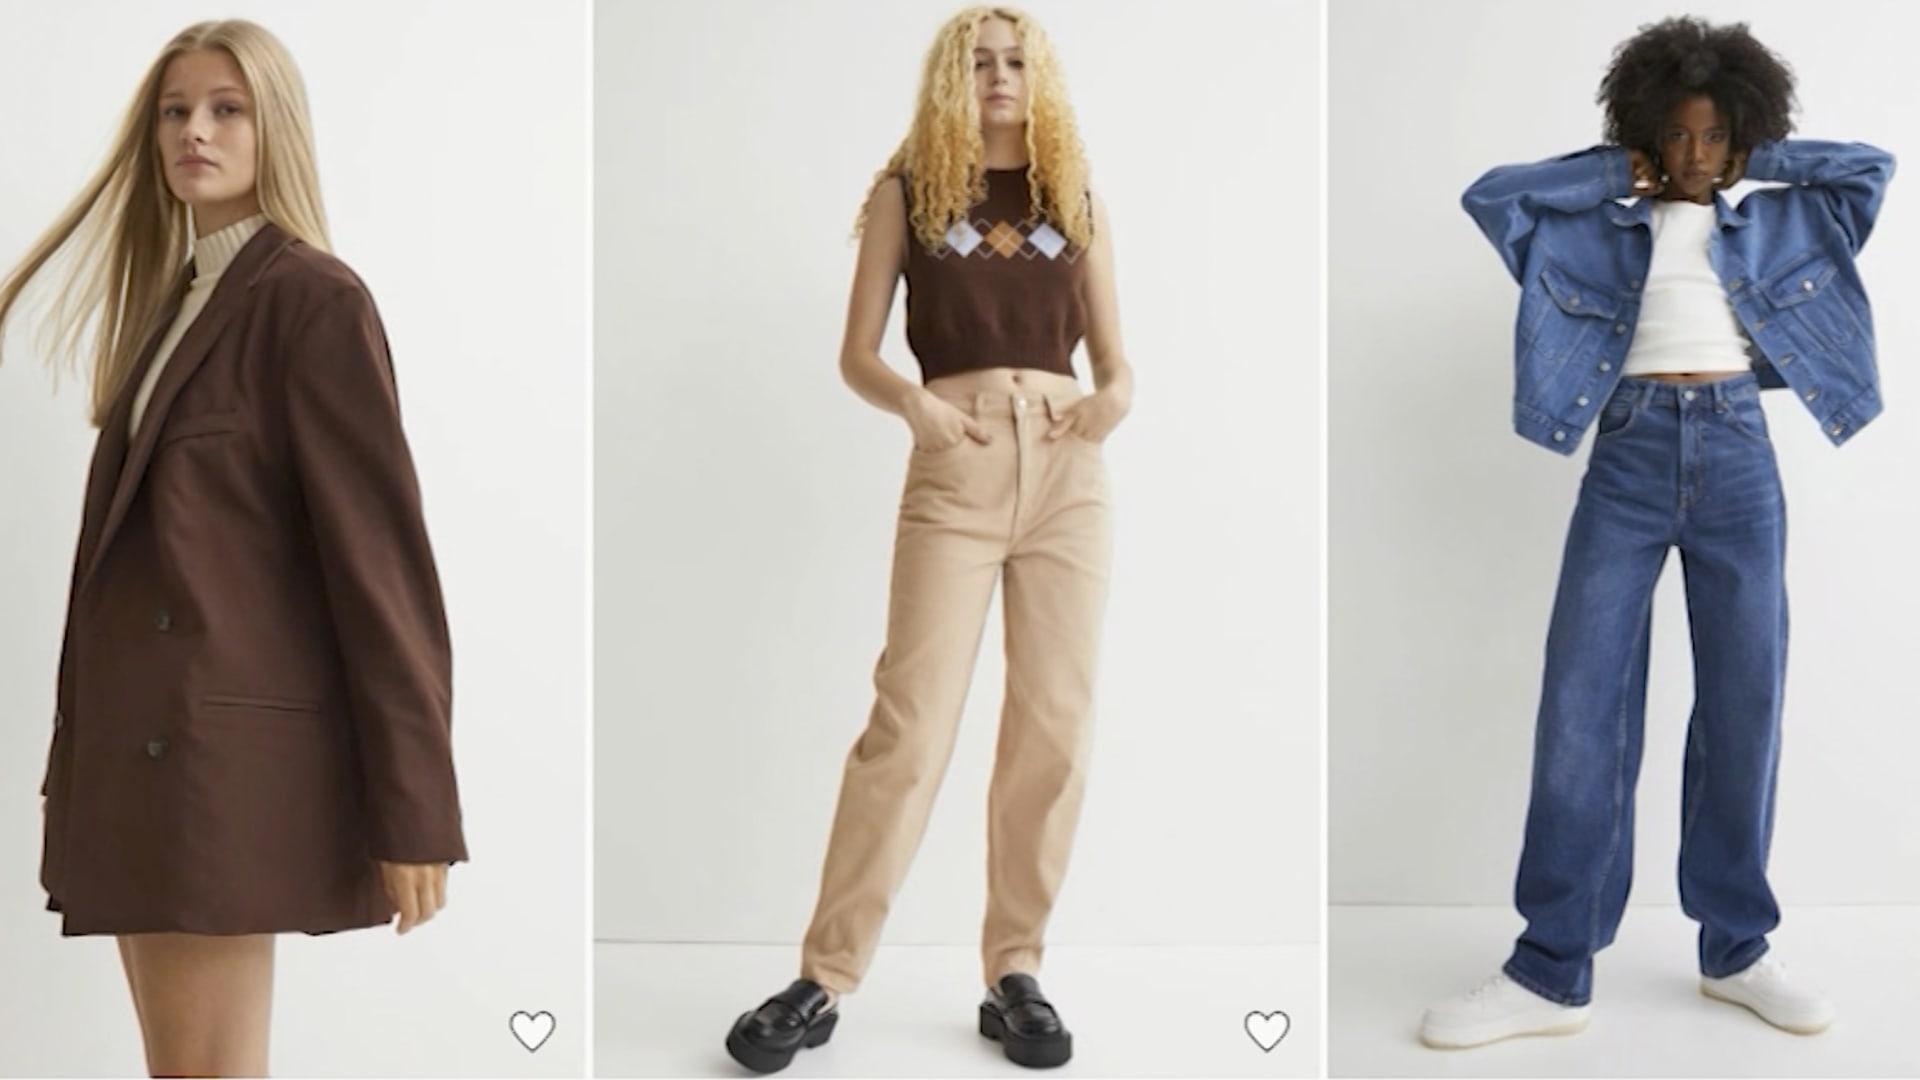 سروال جنيز وملابس رياضية.. إليكم موضة الملابس هذا الخريف